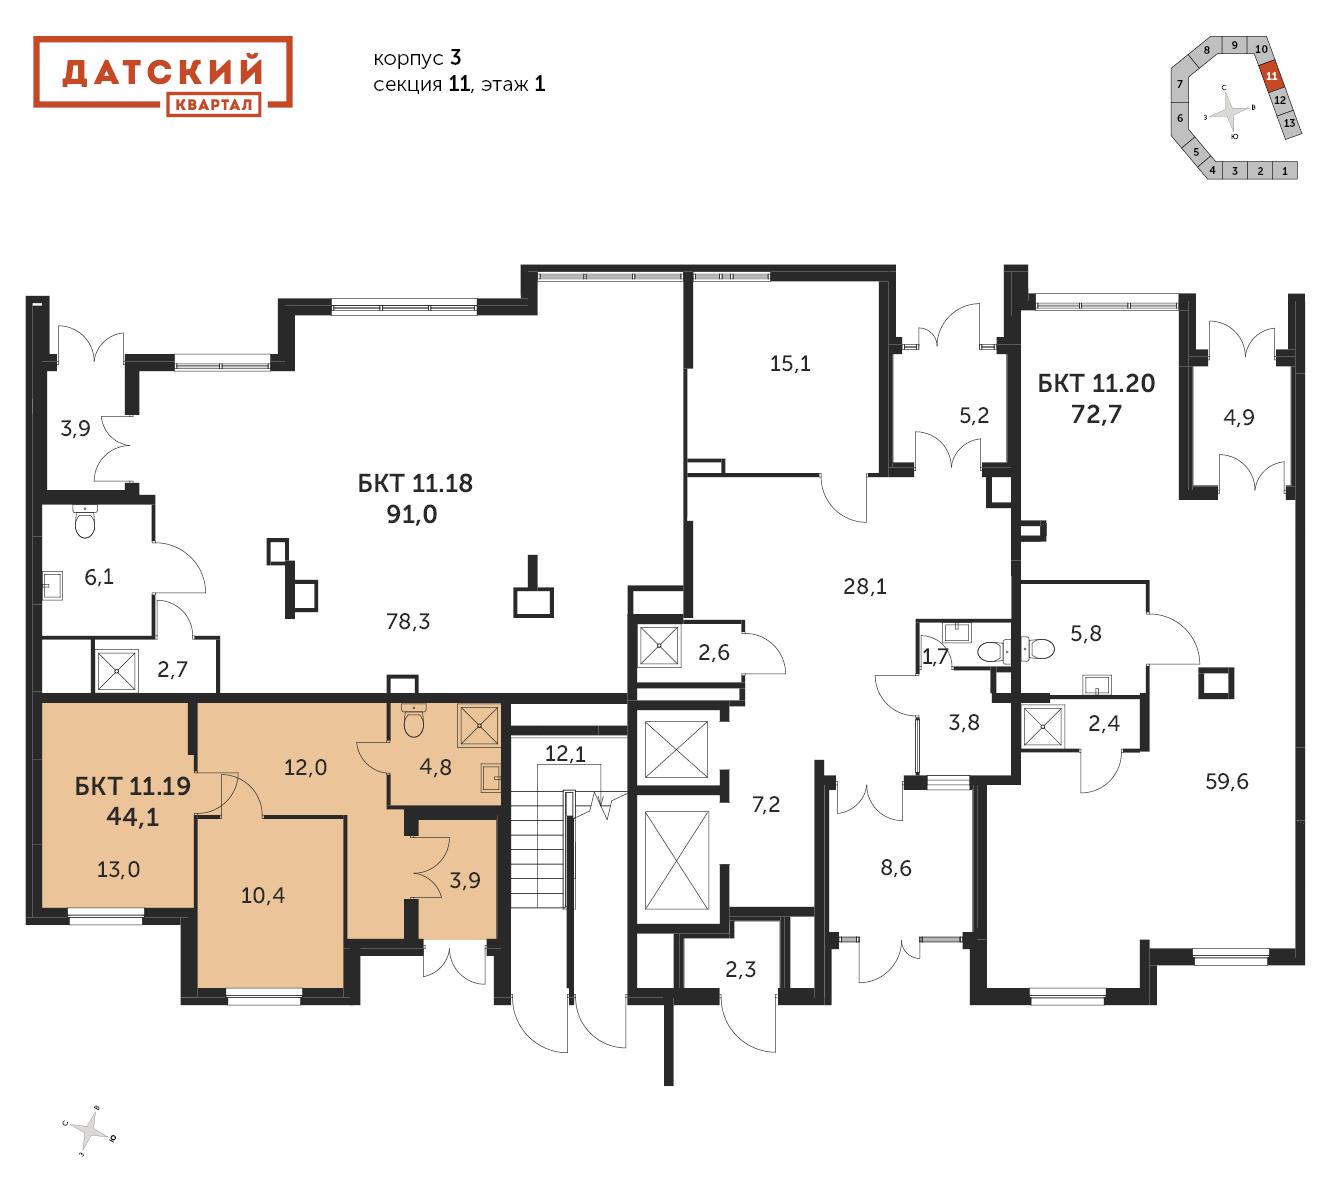 ПСН в ЖК Датский квартал, 44.1м² за 5,6 млн руб.